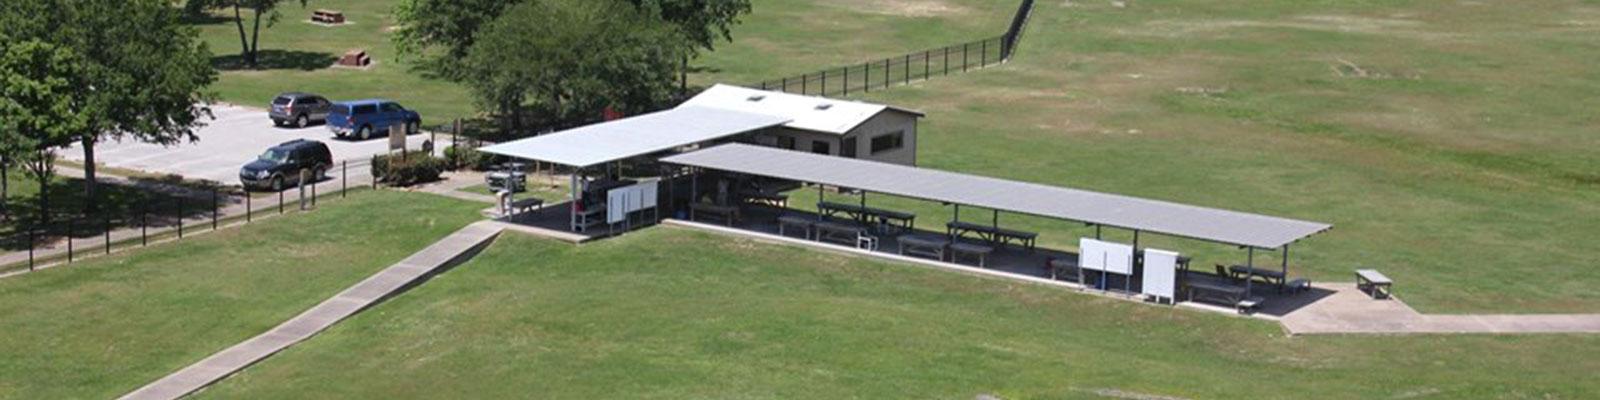 Dick Scobee Memorial Airfield: George Bush Park